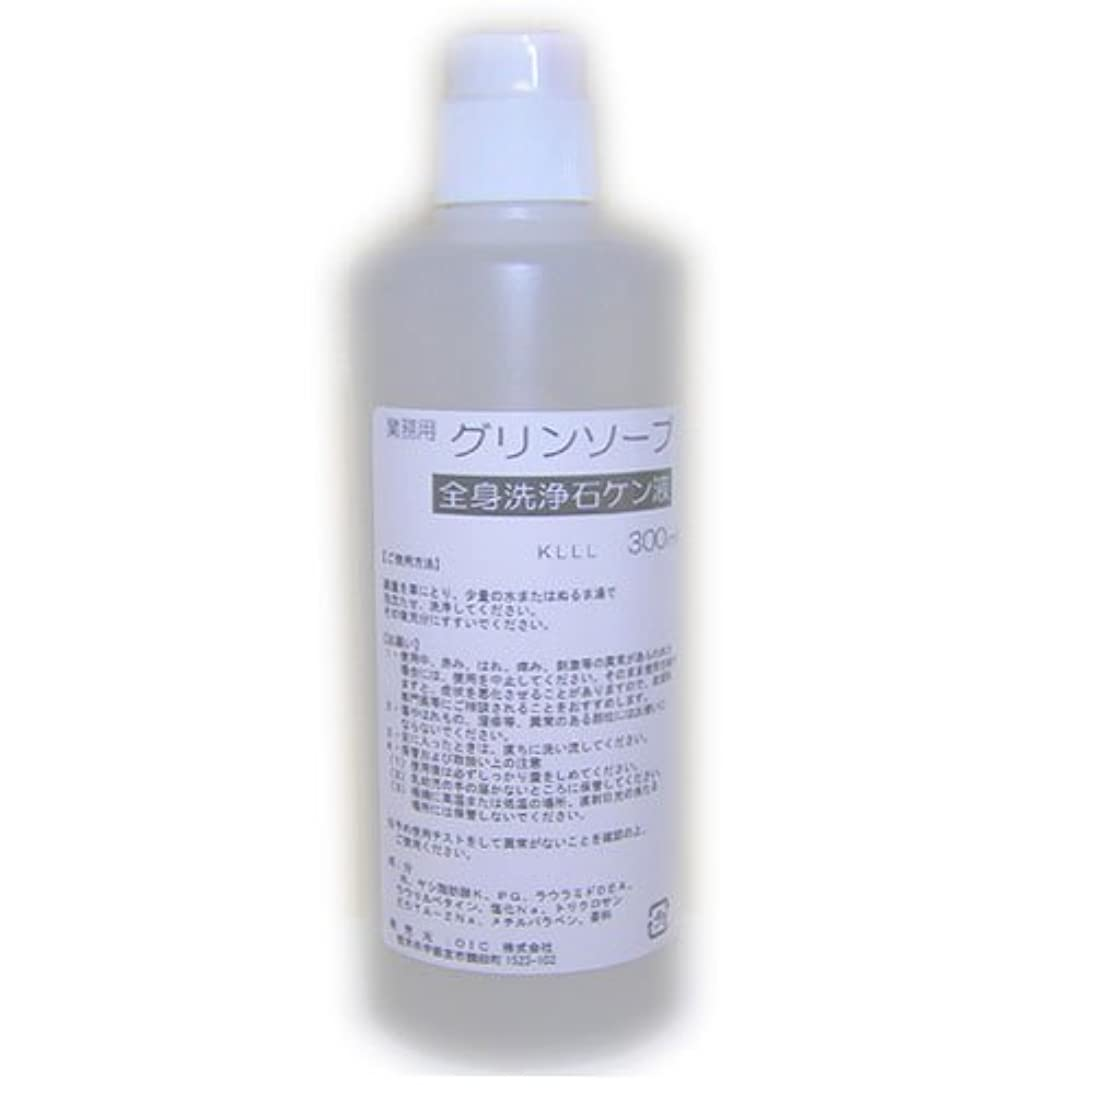 アシスタント非効率的なために業務用ボディソープ 殺菌成分配合?消毒石鹸液 グリンソープ (300ml)